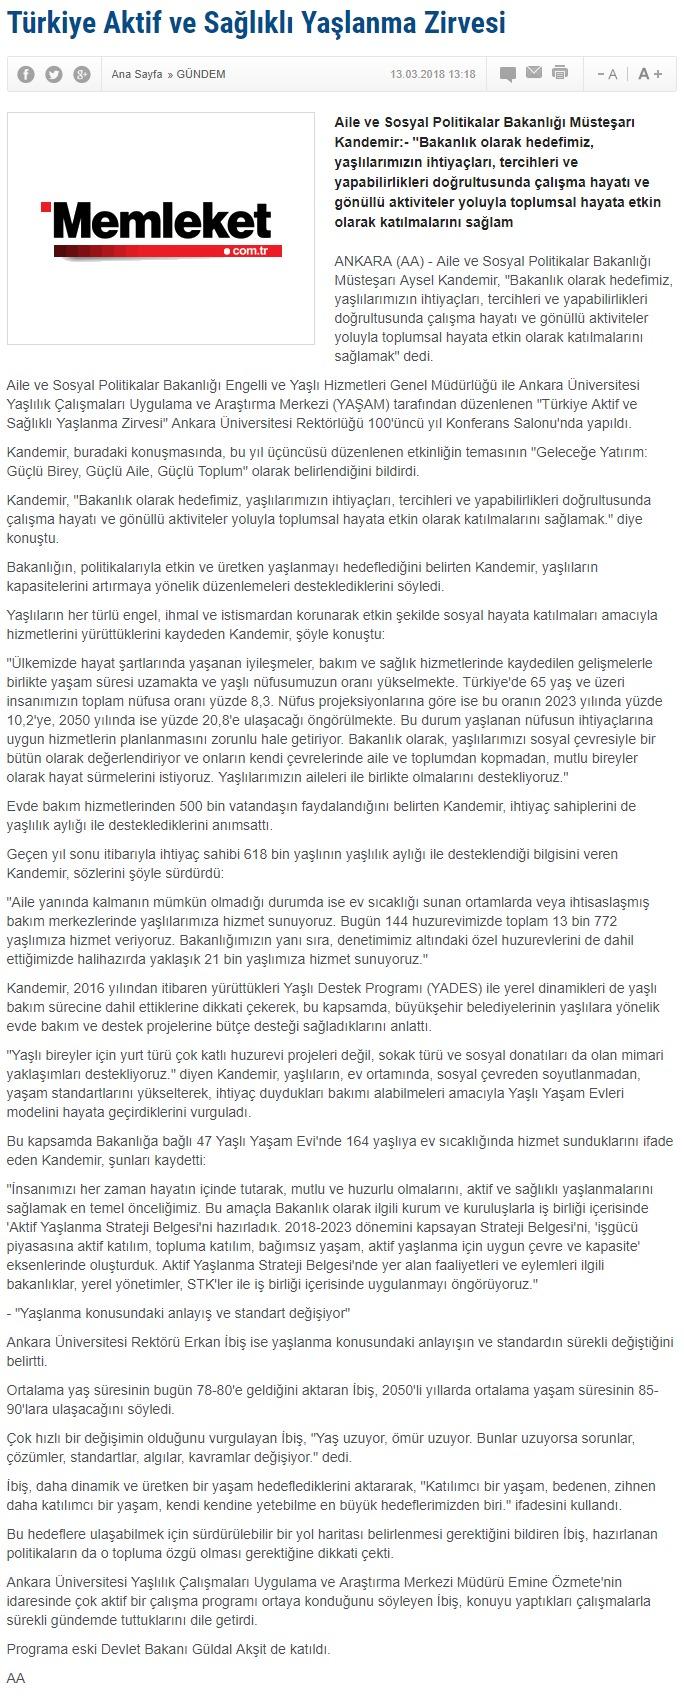 Memleket.com.tr